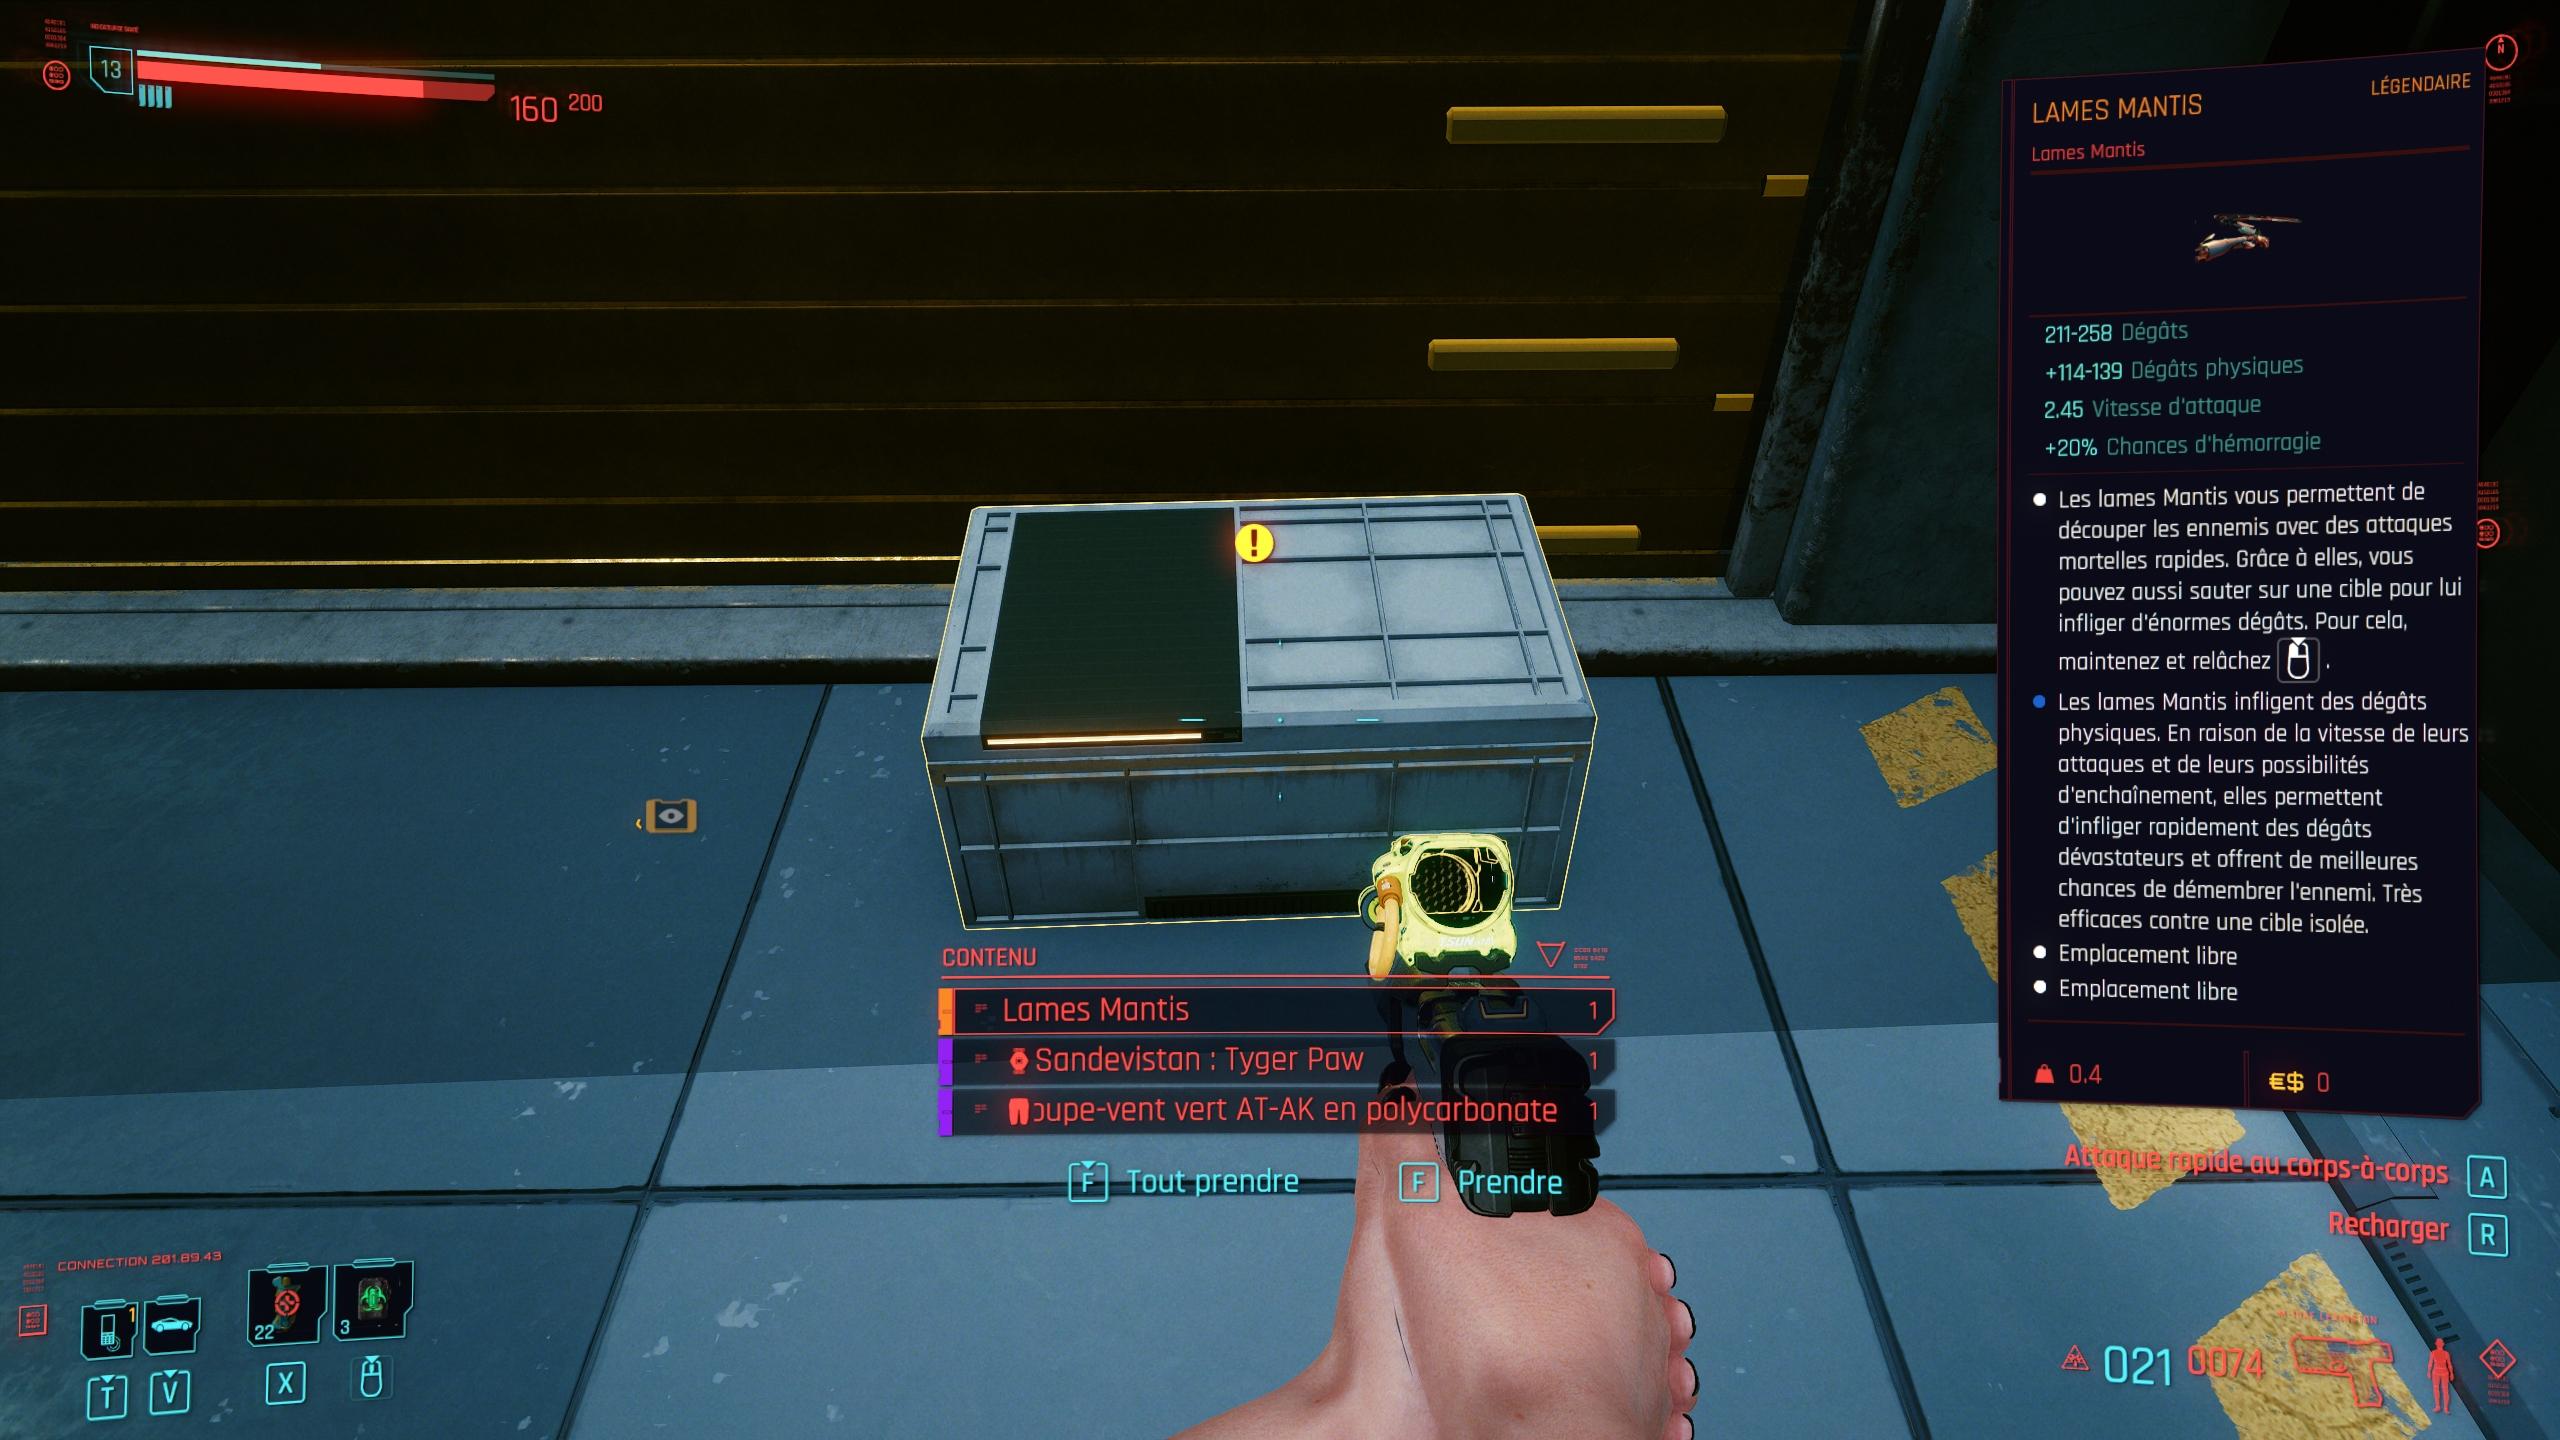 Cyberpunk2077 coffre lames mantis legendaire 2